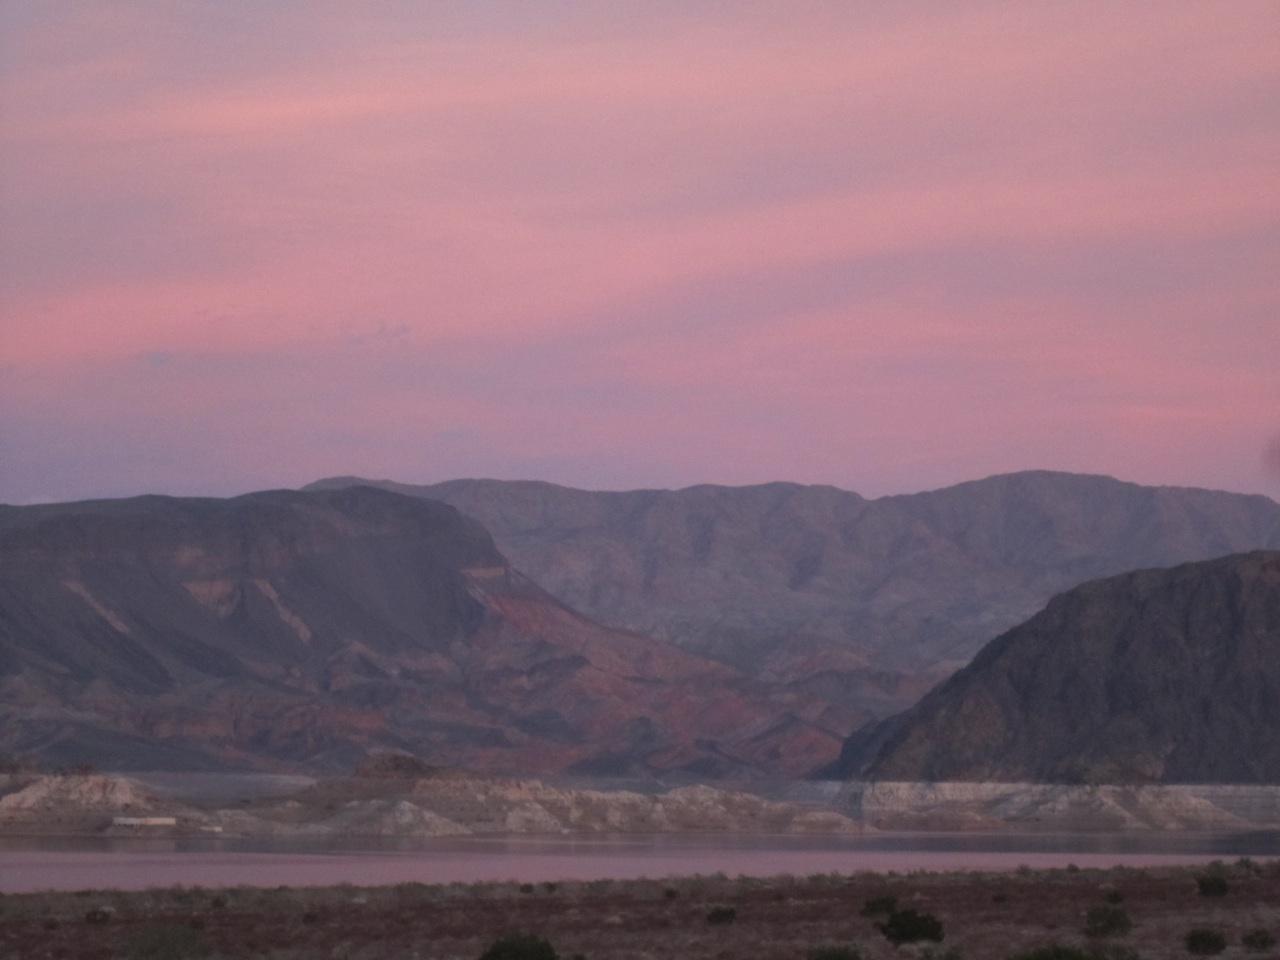 Lake Mead At Dusk